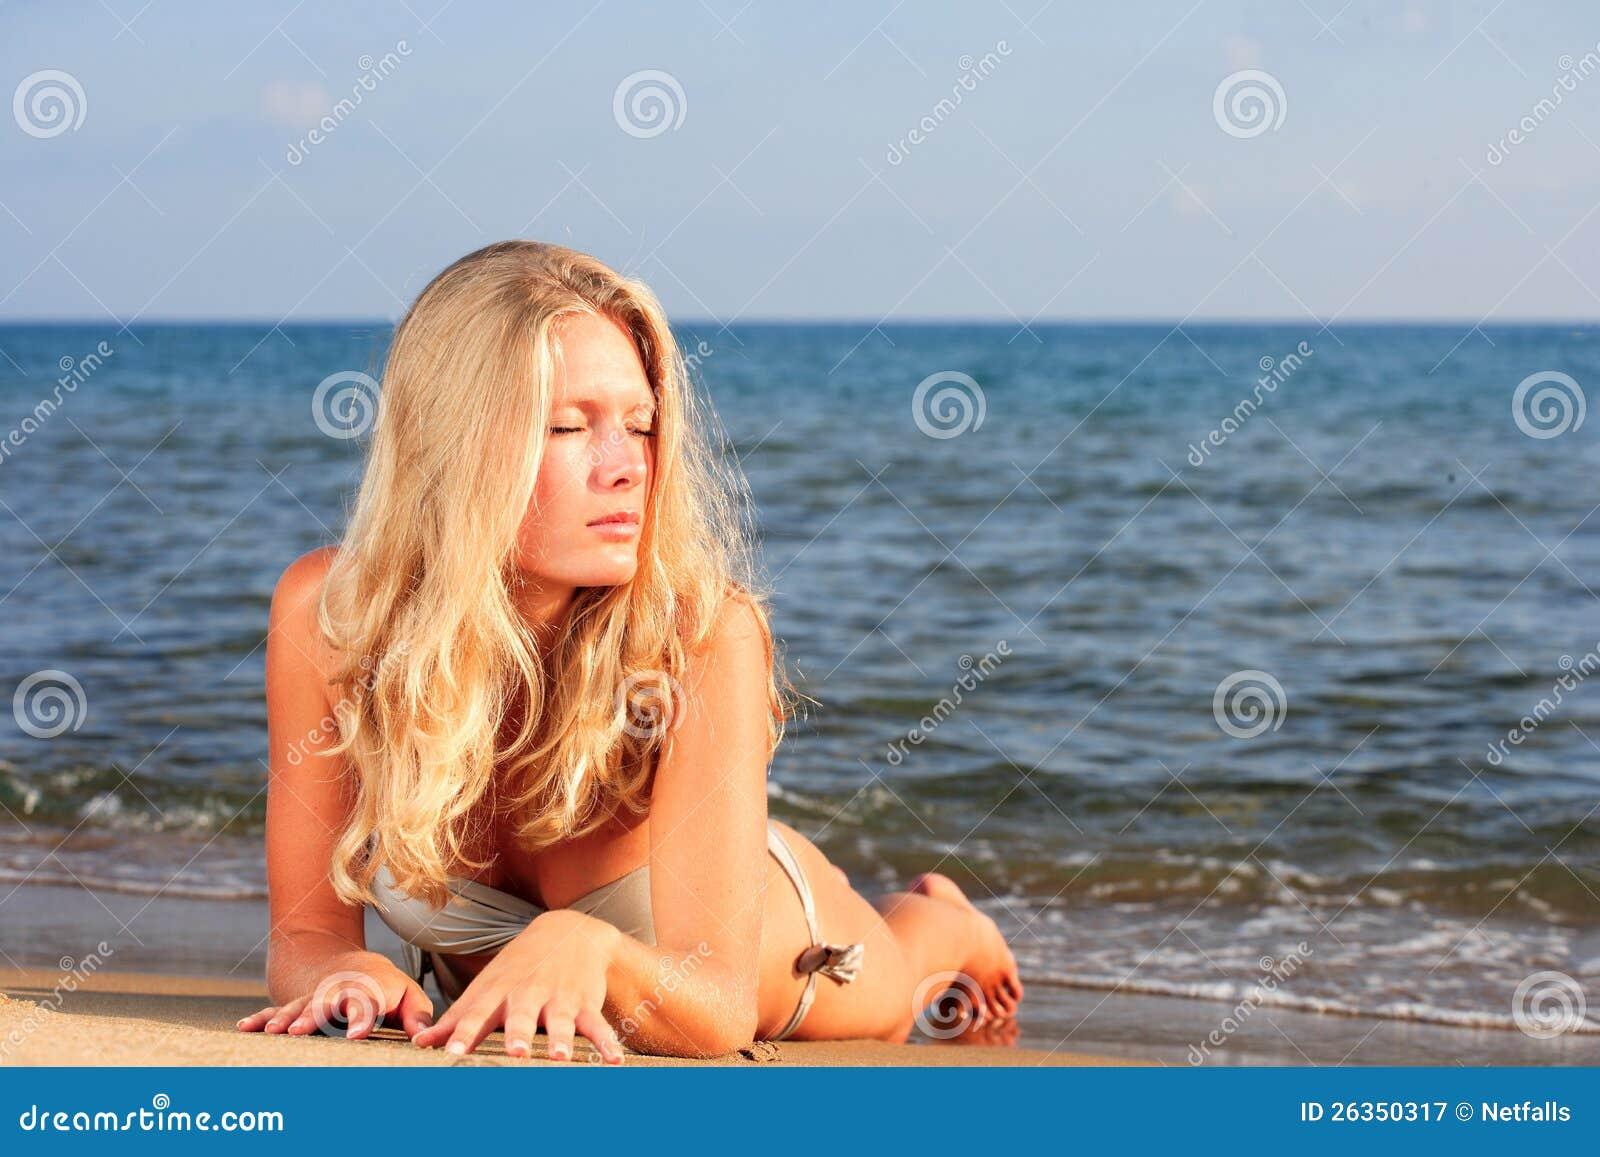 Die junge Frau auf einem Strand.